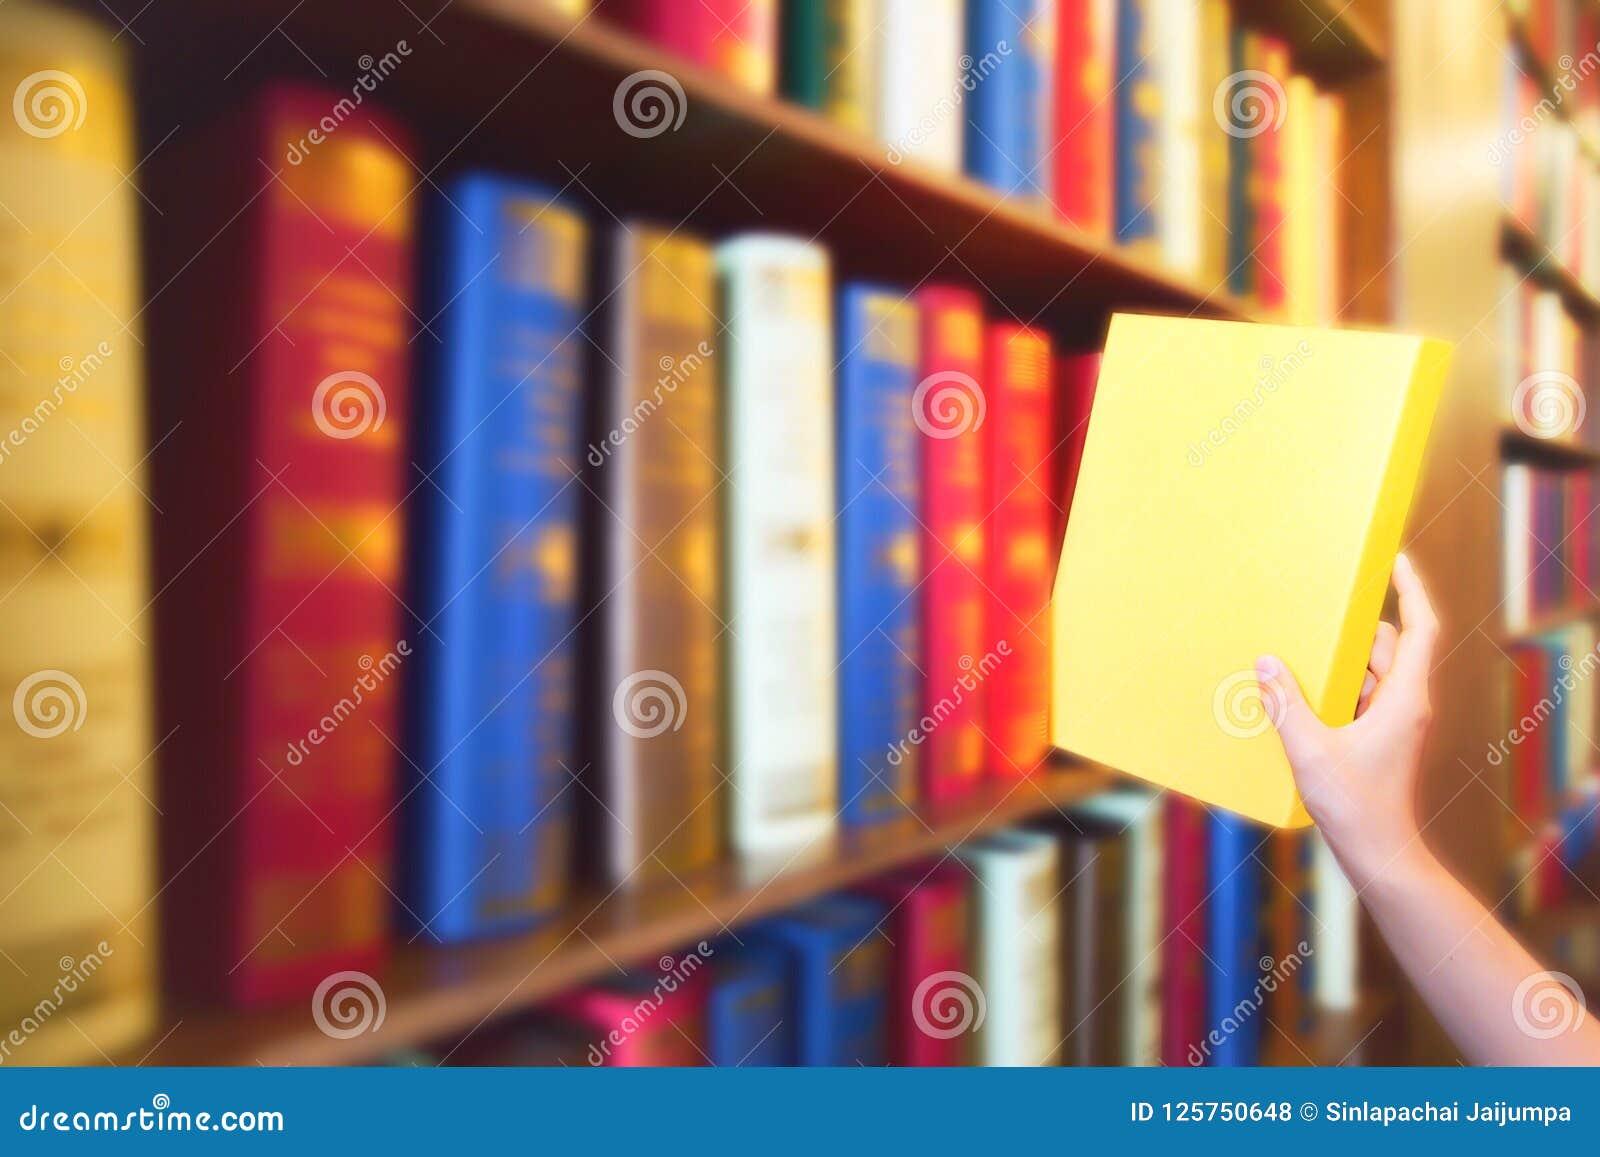 De vrouwen overhandigen het trekken van geel boek van houten boekenrekken in openbare bibliotheek Kleurrijke boeken, Handboek, Li